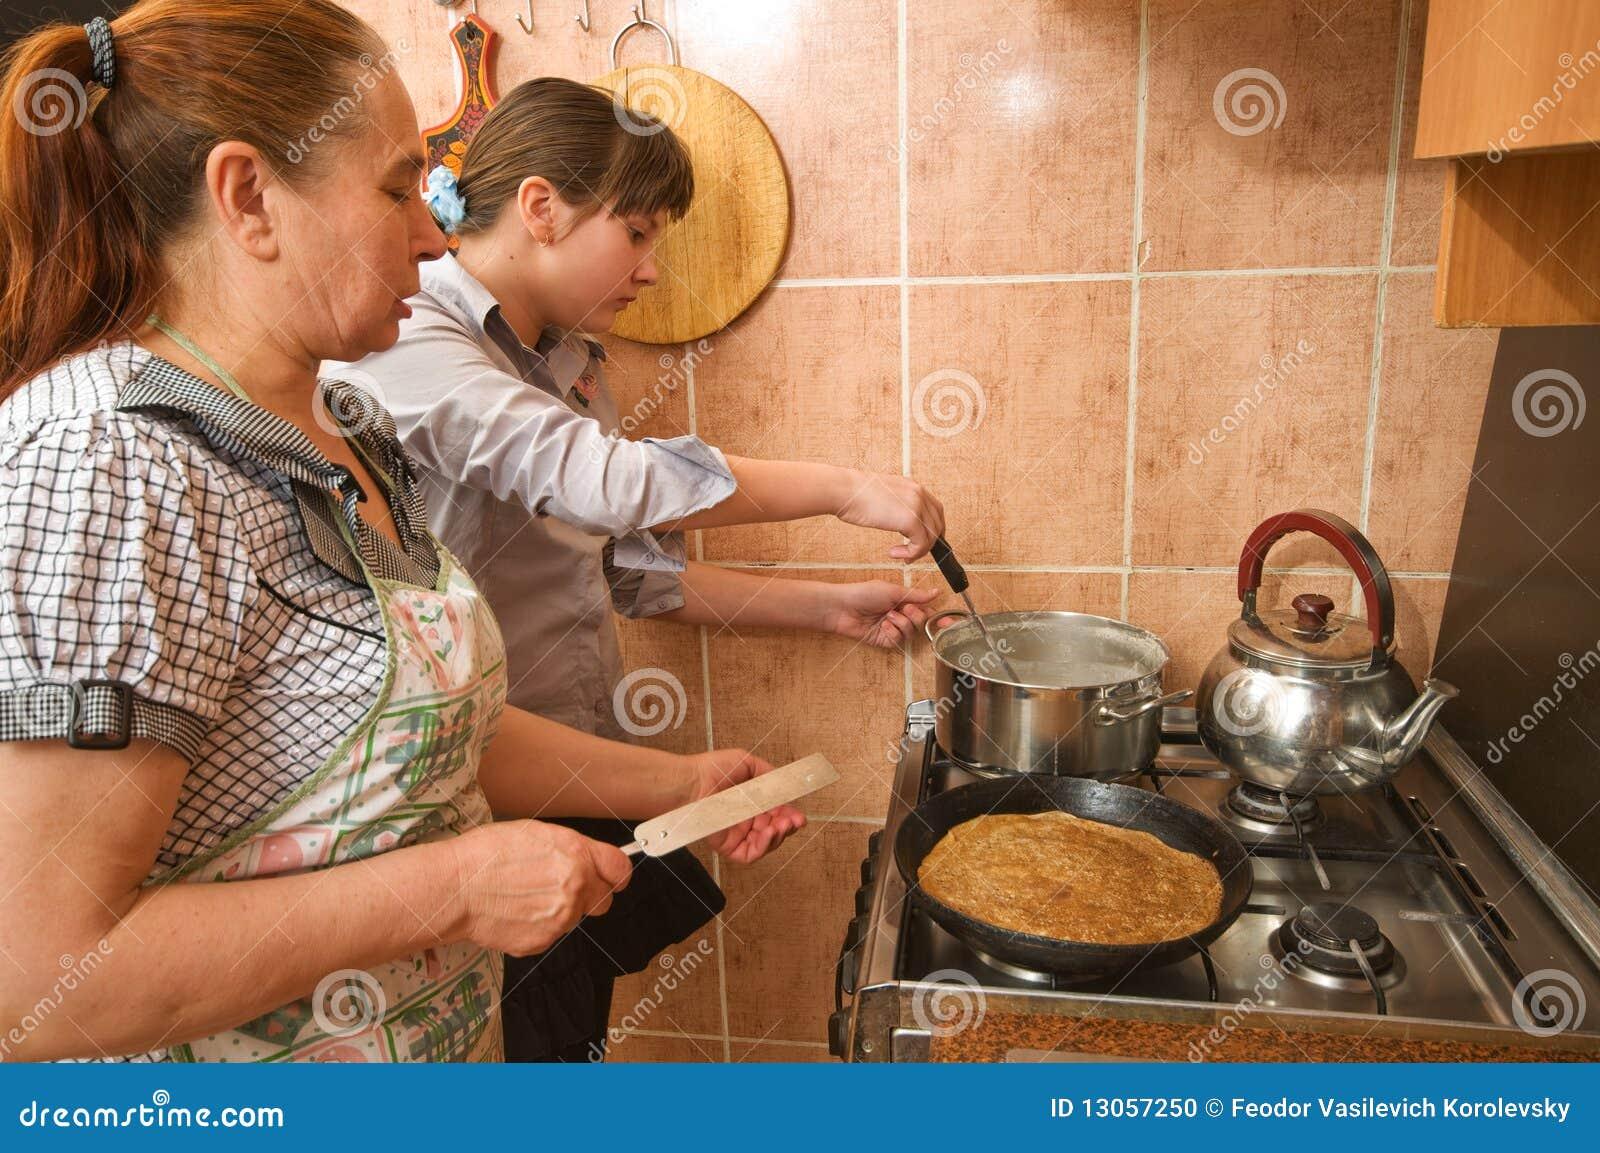 Старуха и внук на кухне 9 фотография